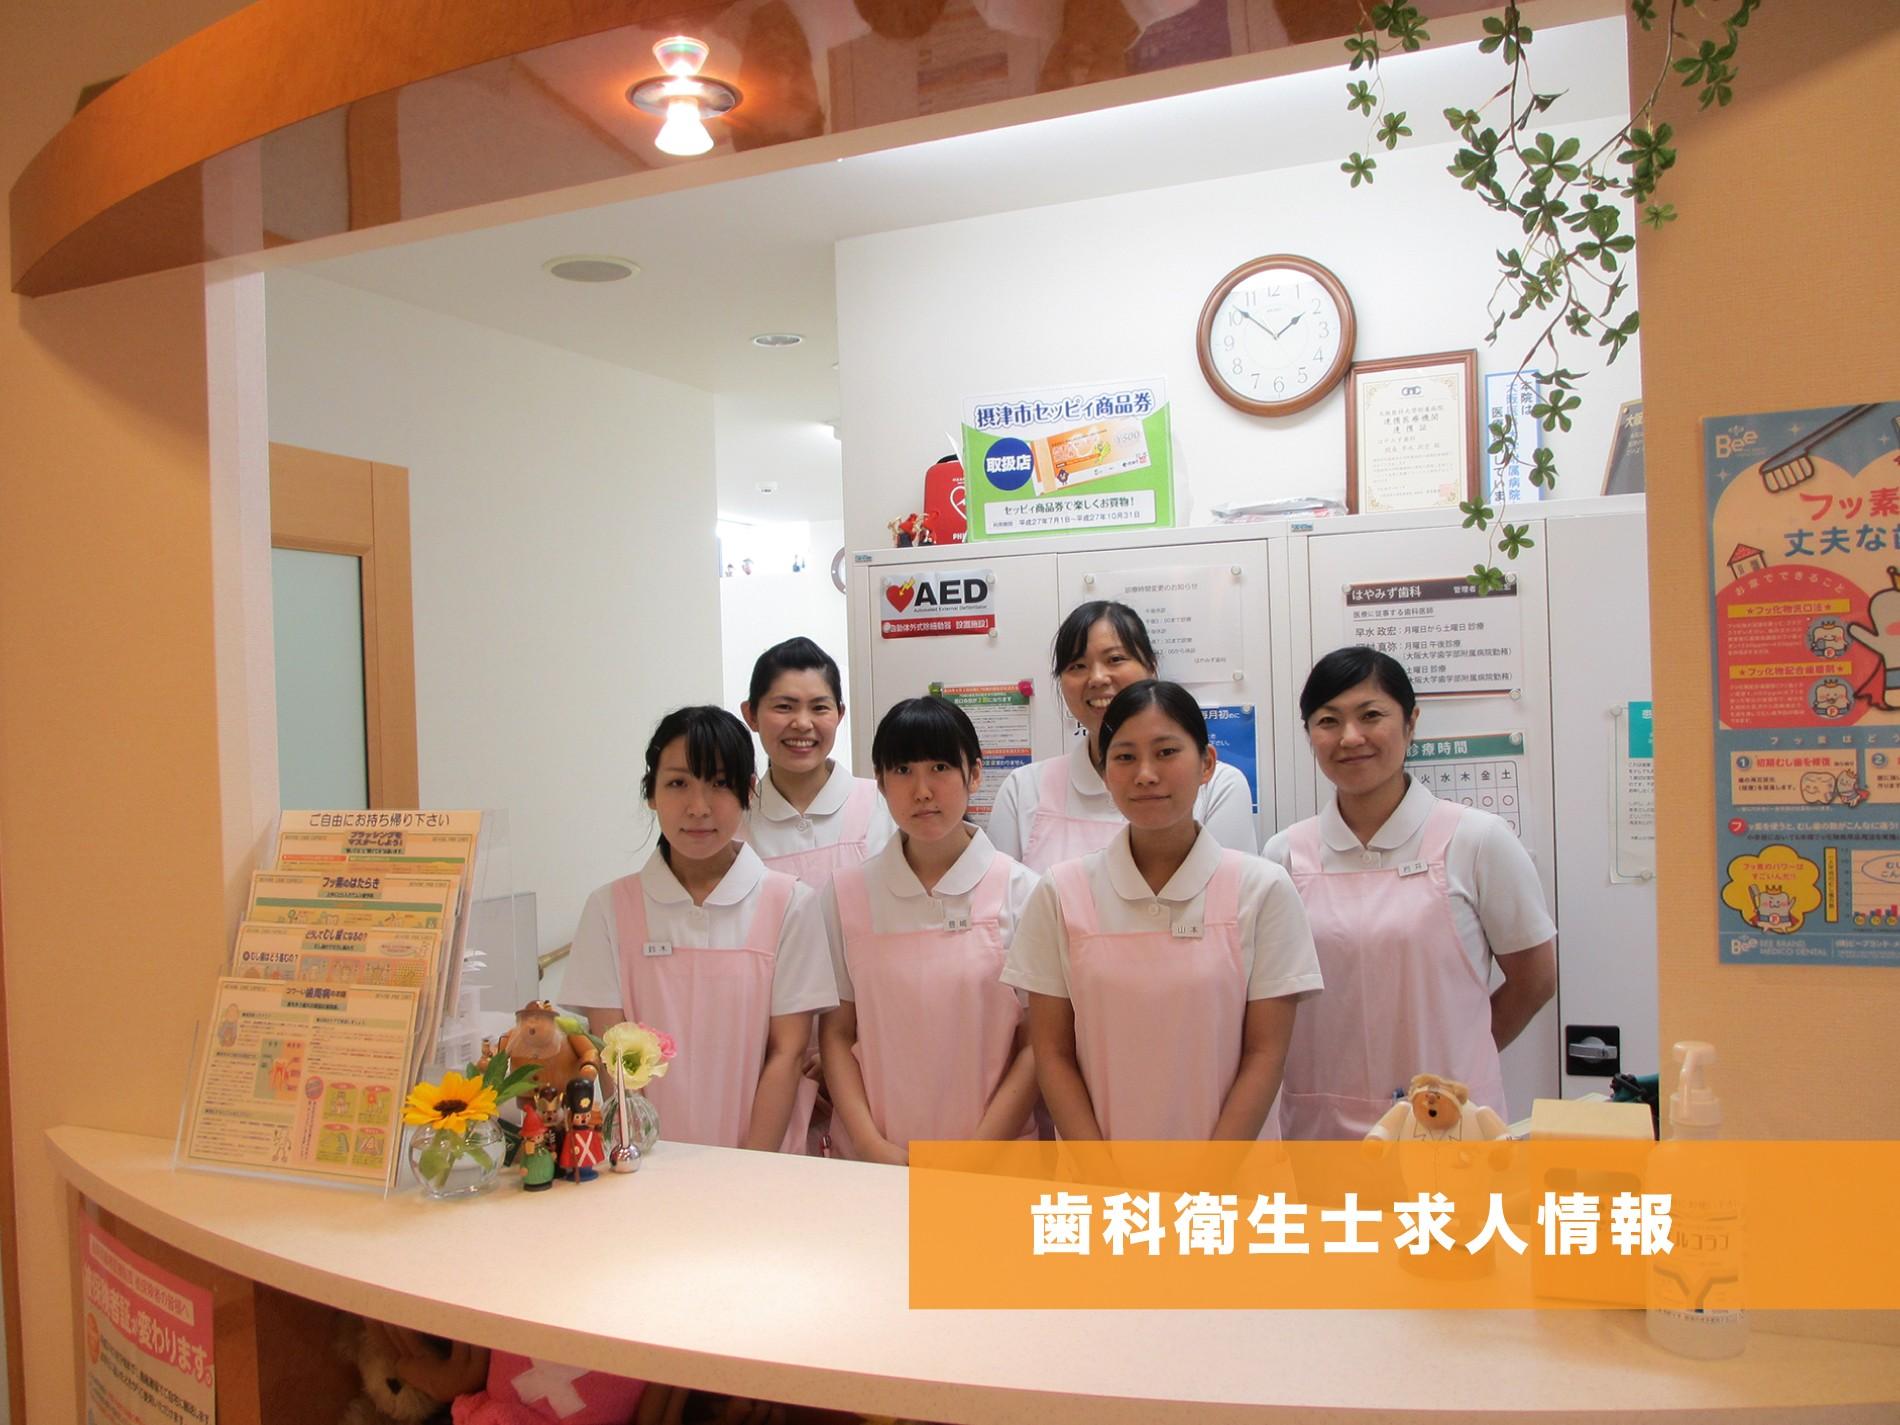 大阪近郊で歯科衛生士の求人なら摂津市のはやみず歯科へ